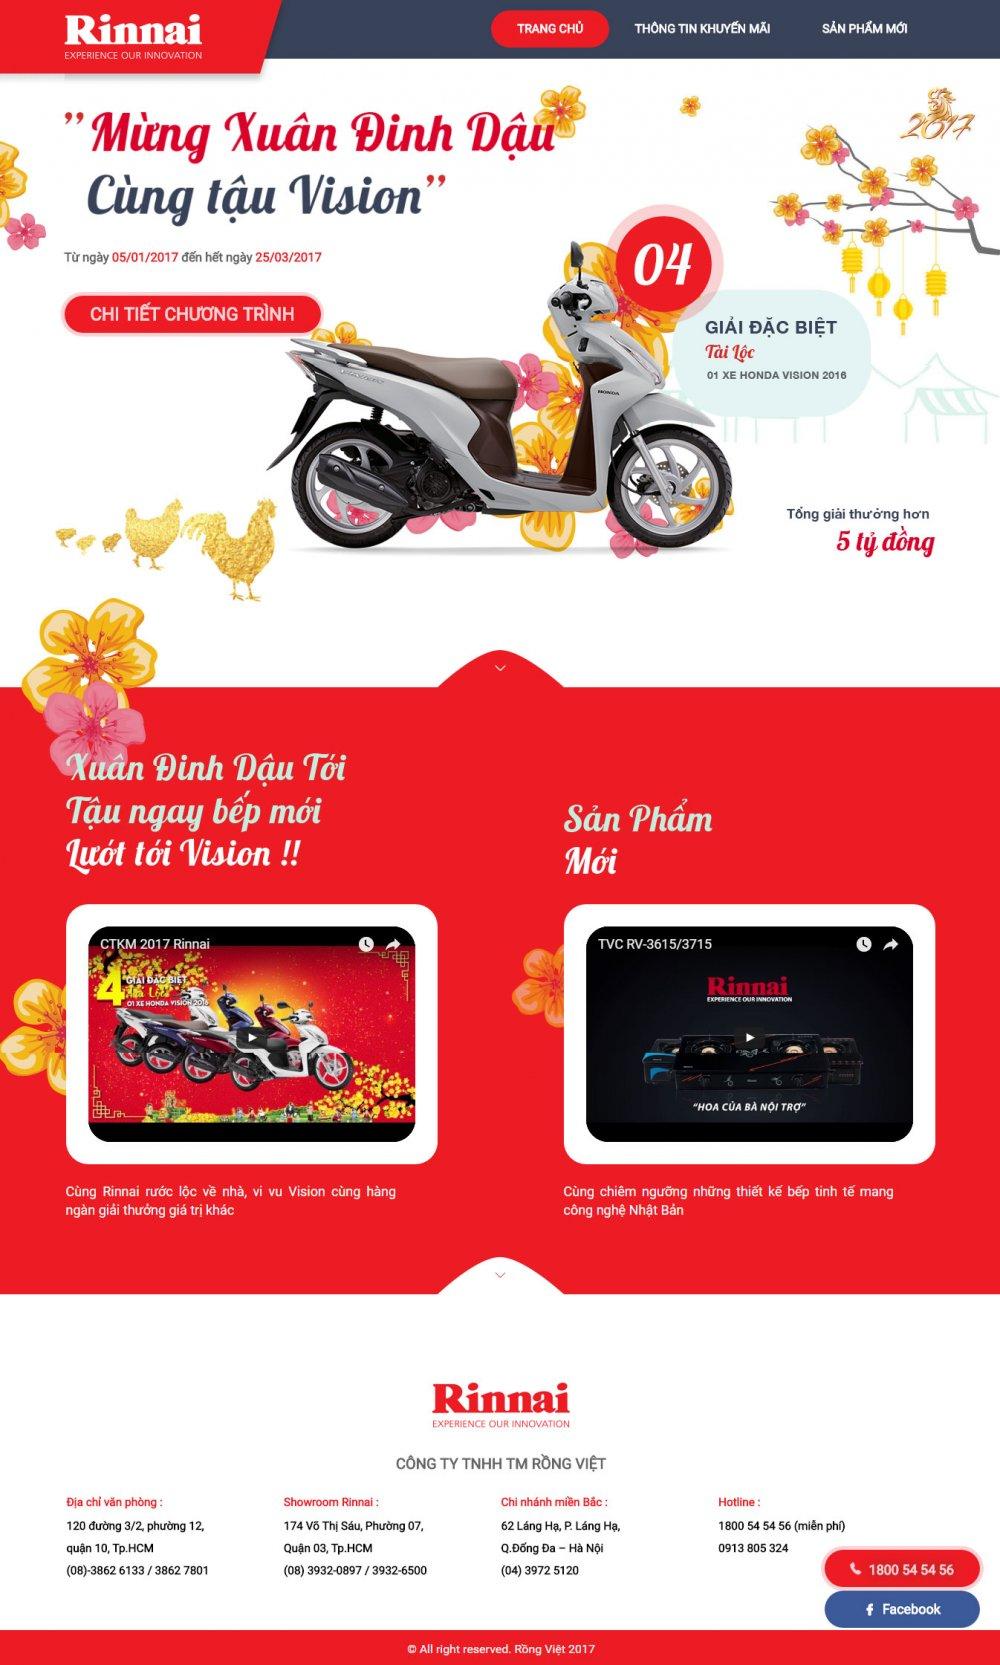 Bếp gas Rinnai - Landing page mừng xuân 2017